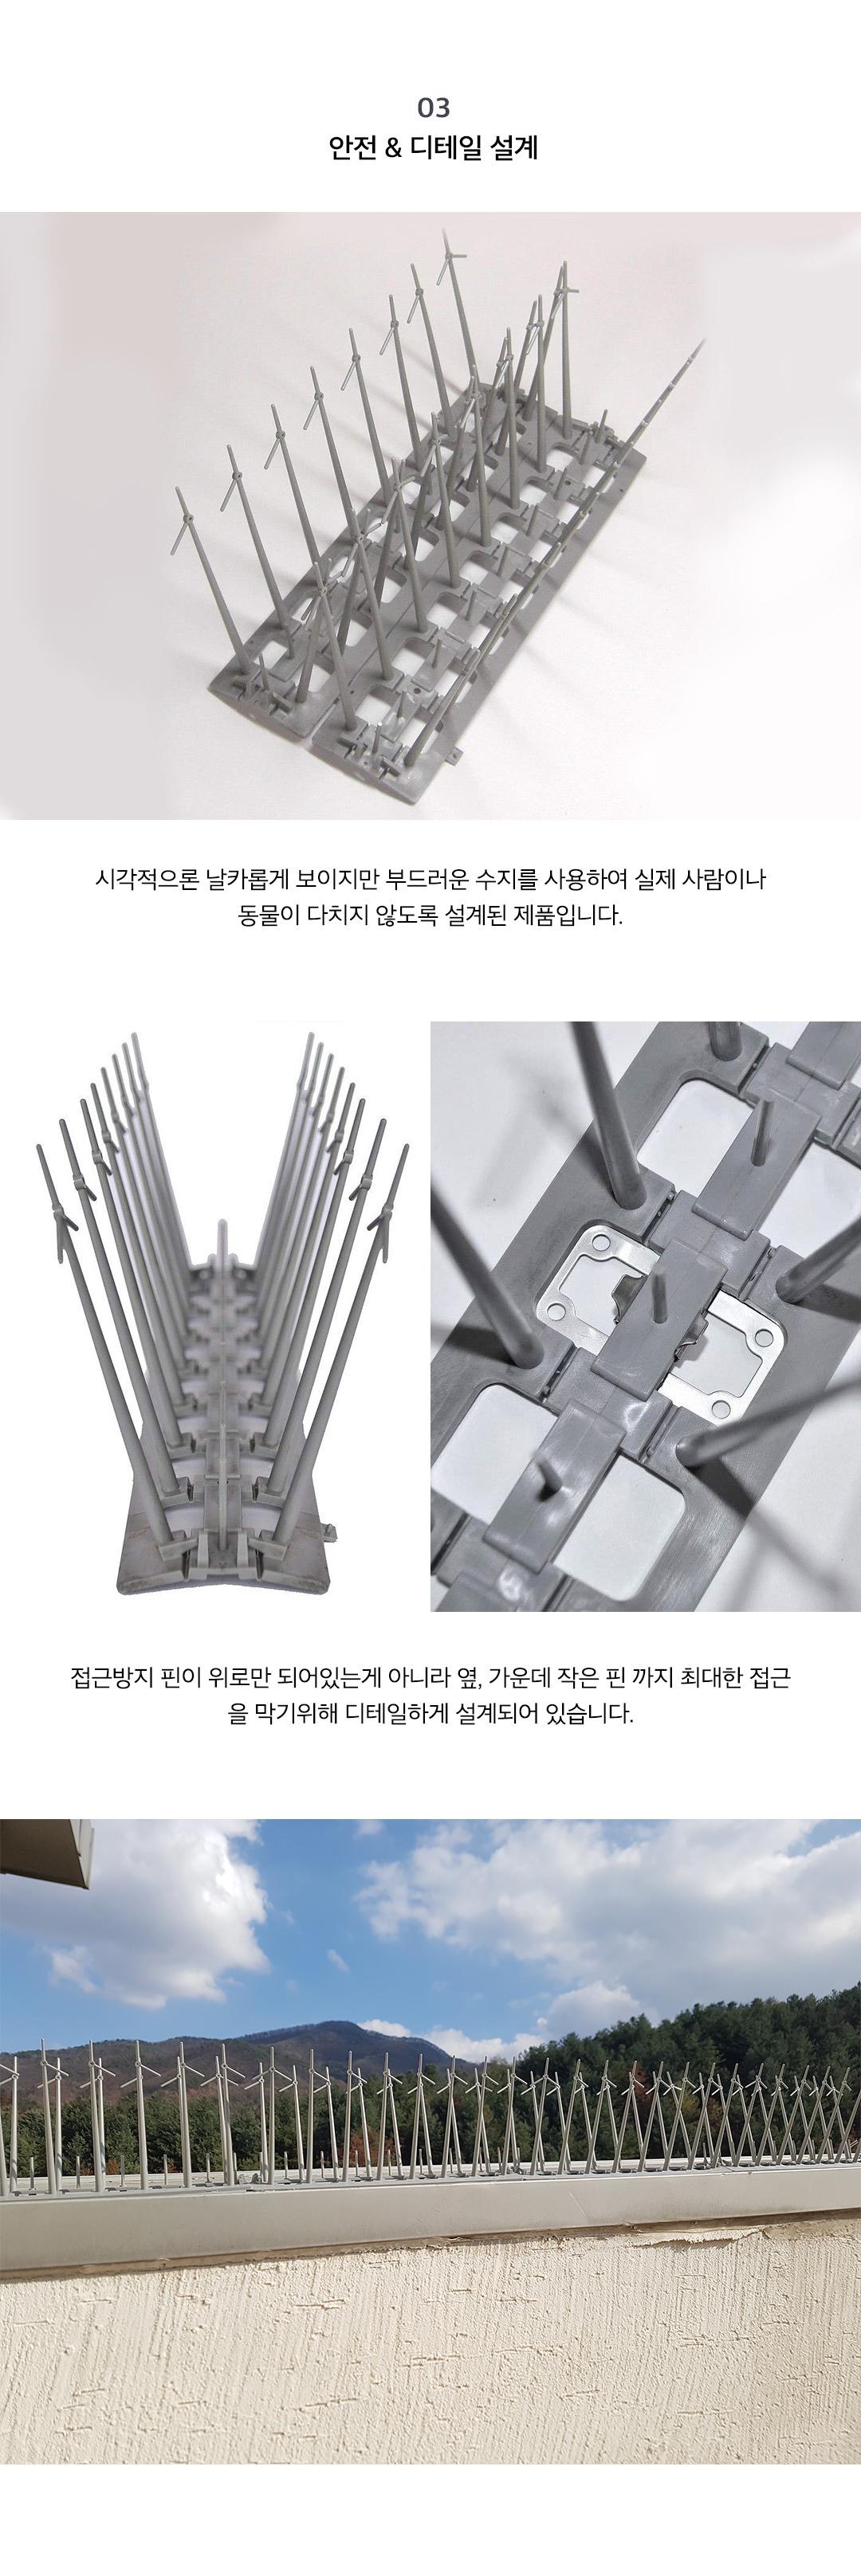 노무라테크 비둘기퇴치 장치 N-2407 - 노무라테크, 16,000원, 생활잡화, 생활소모품